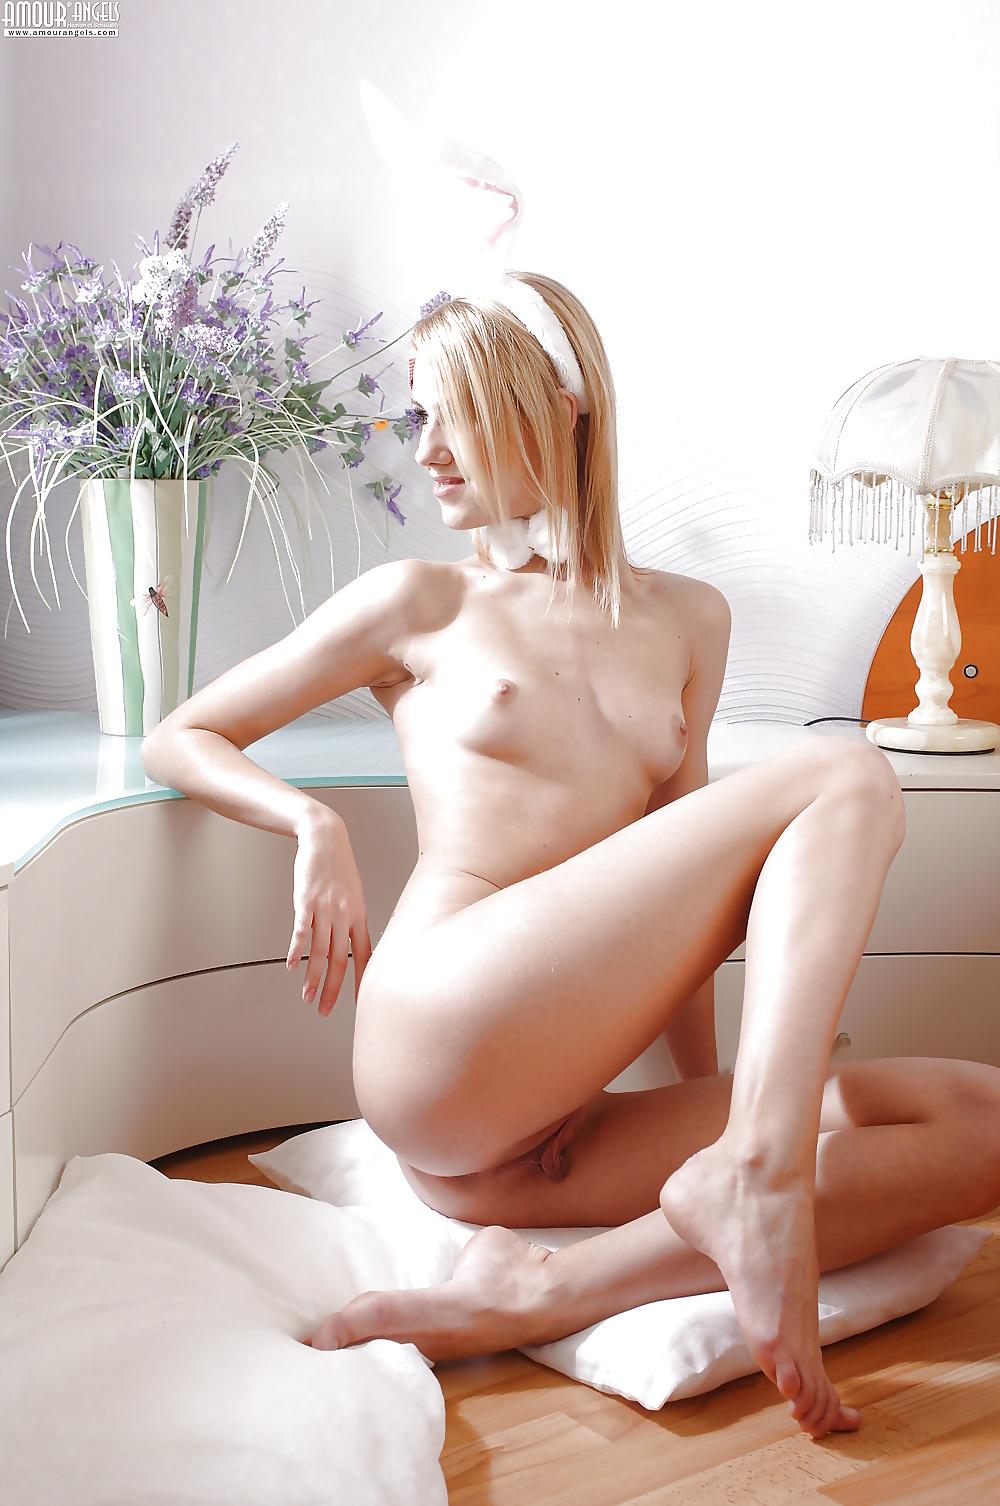 Schöne Teenager nacktfotos in Hasekostume - Bild 3